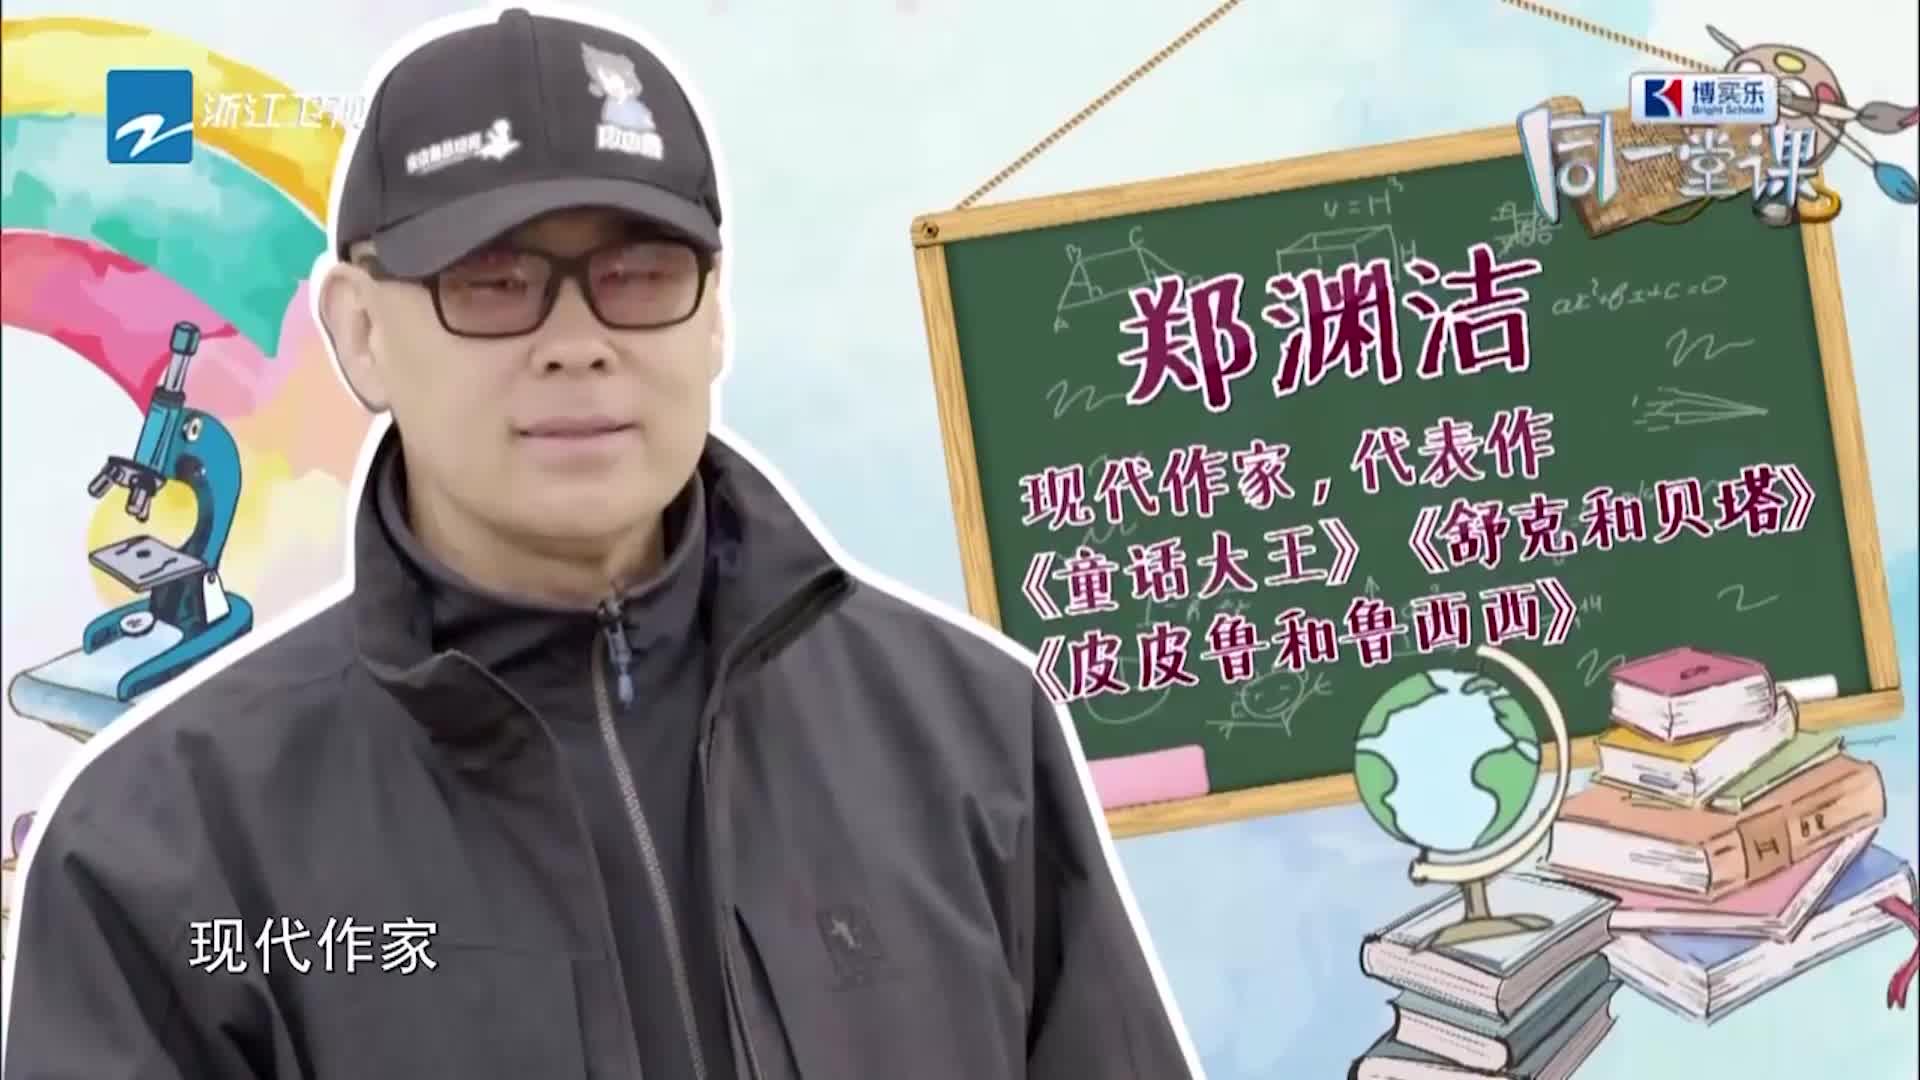 同一堂课:郑渊洁初认识泰雅文化,方言一点听不懂,全程问号脸